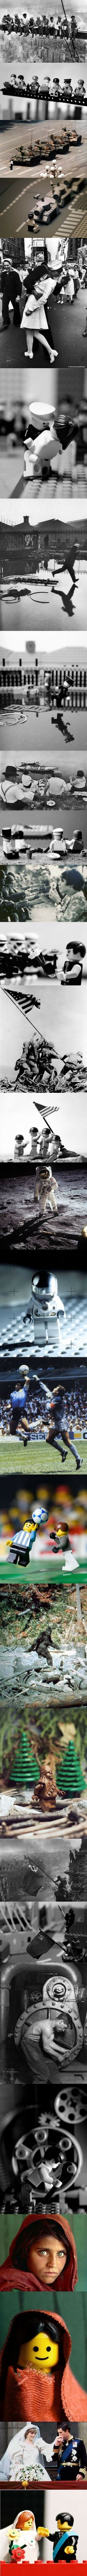 10 photographies historiques revisitées en LEGO